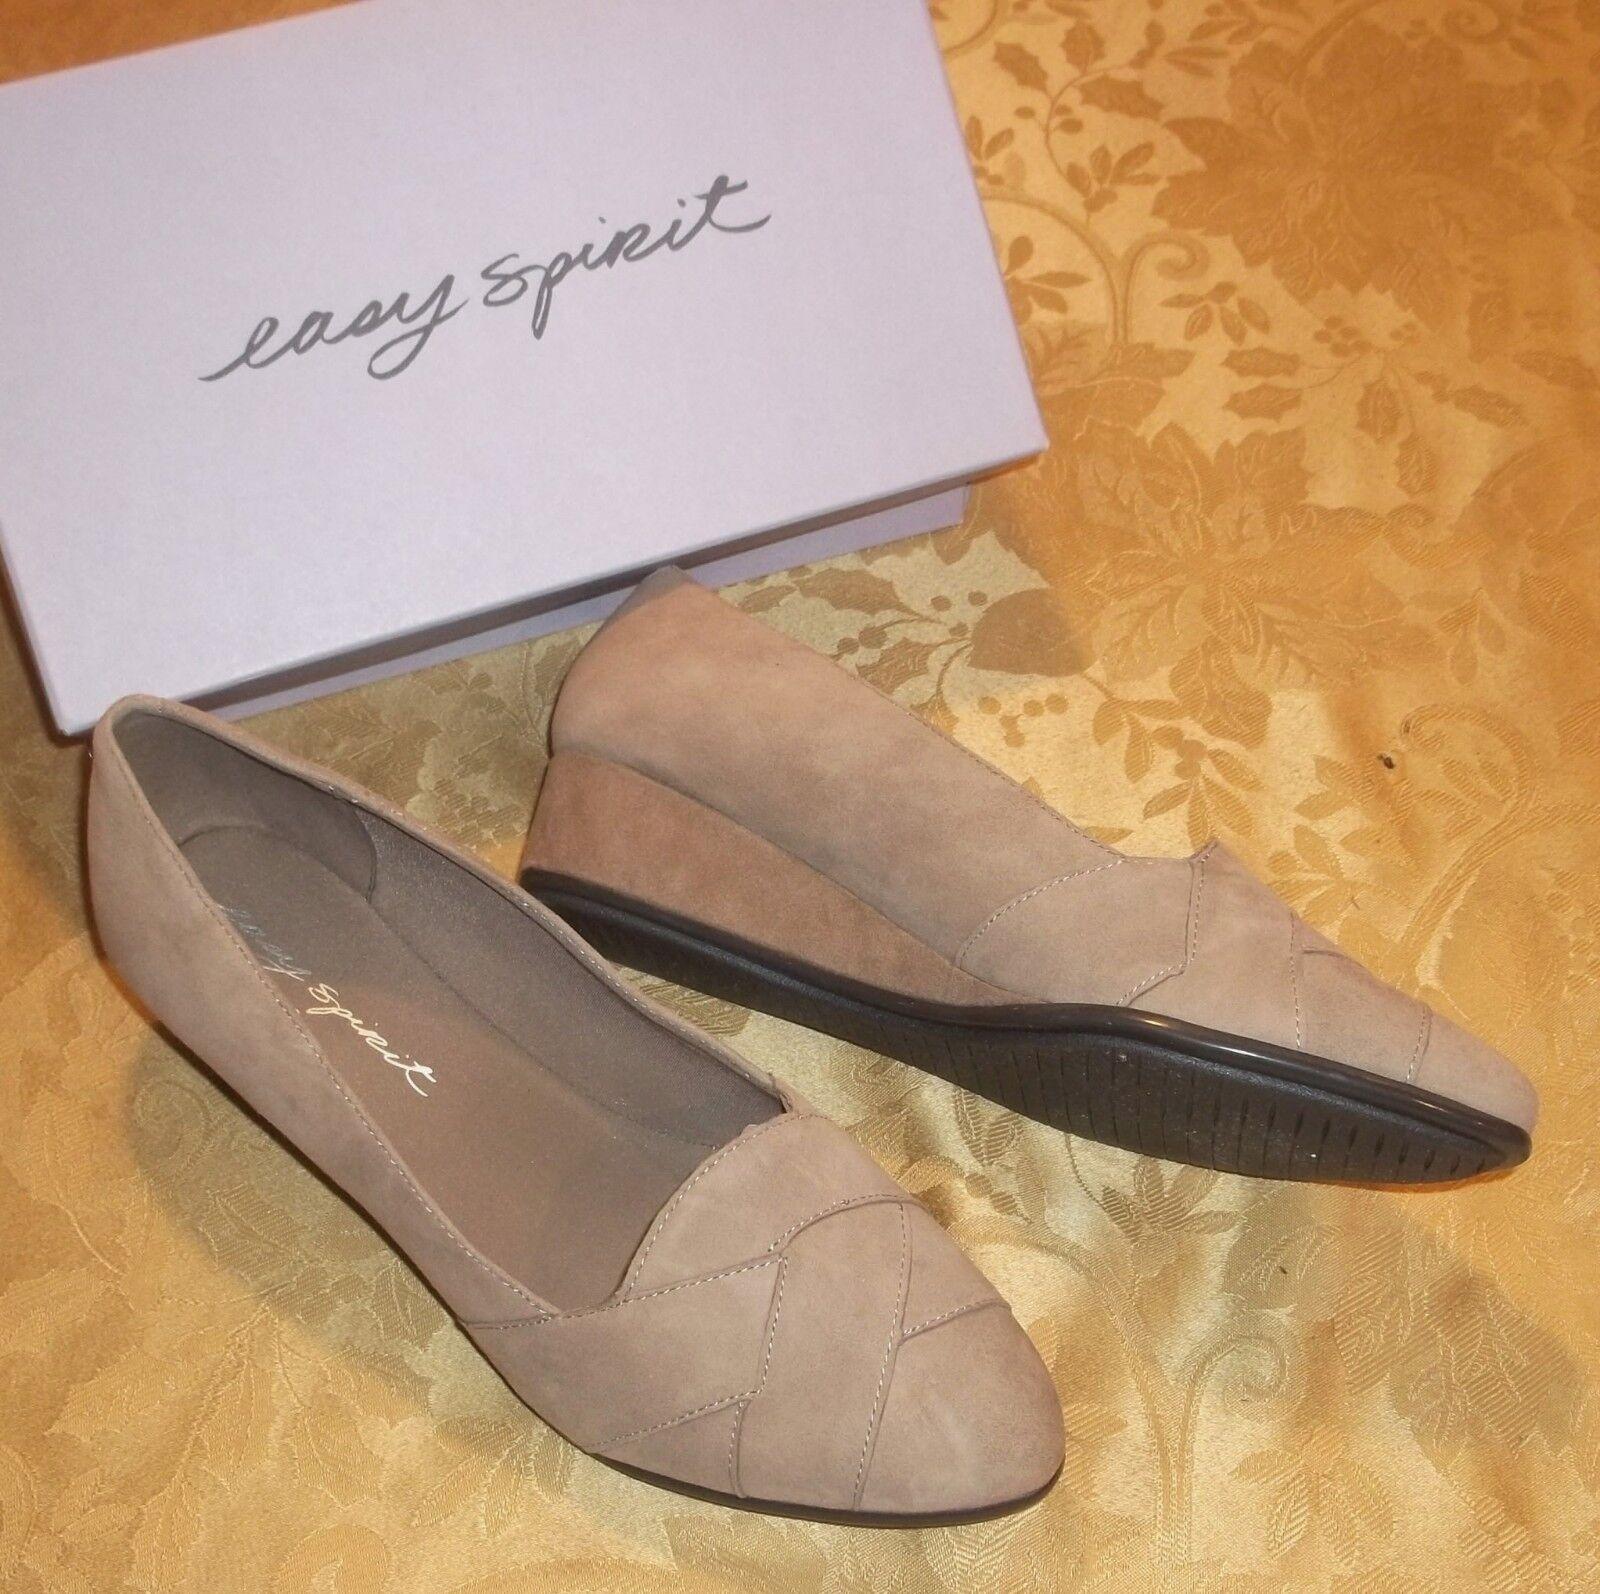 Damenschuhe EASY SPIRITARYSTA TAUPE Low WEDGESGröße 8 WIDE 8WNEULeder Schuhes 79